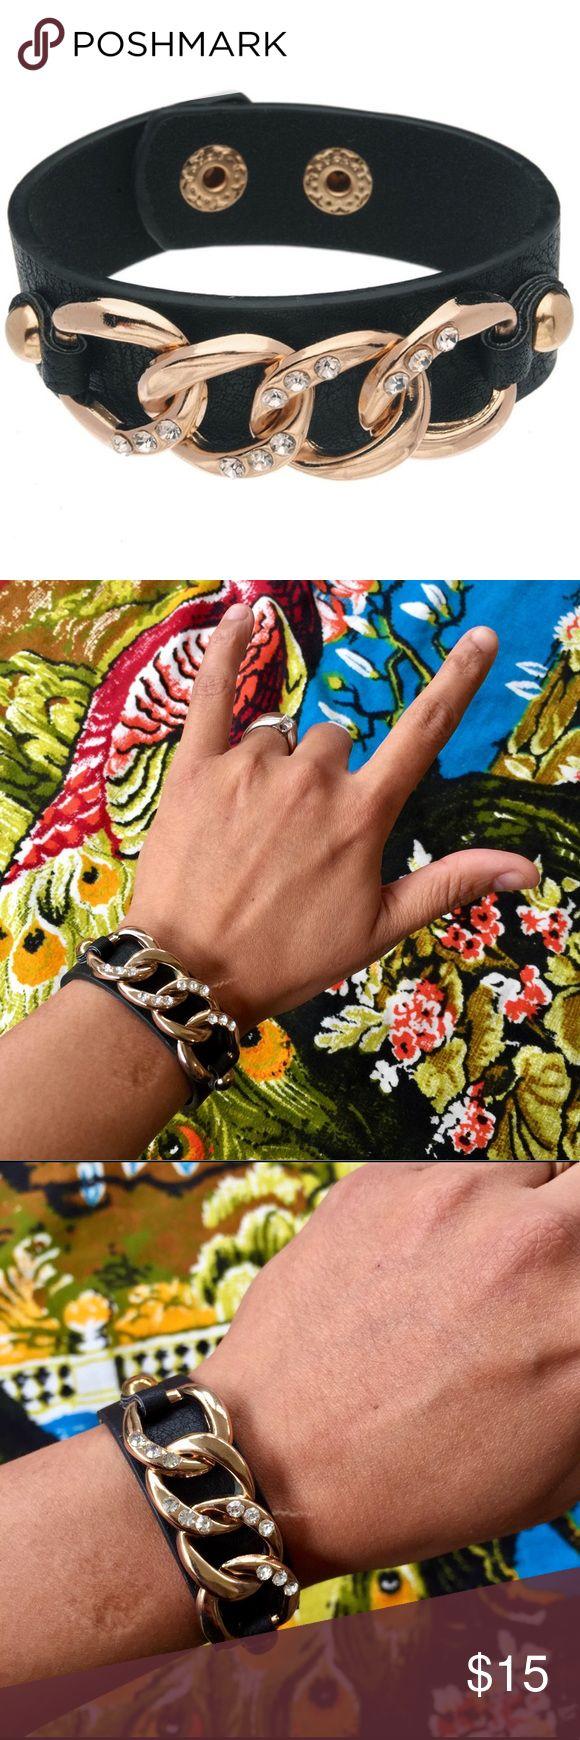 Black gold chain bracelet Snap connection, faux leather bracelet. Super cute! Jewelry Bracelets